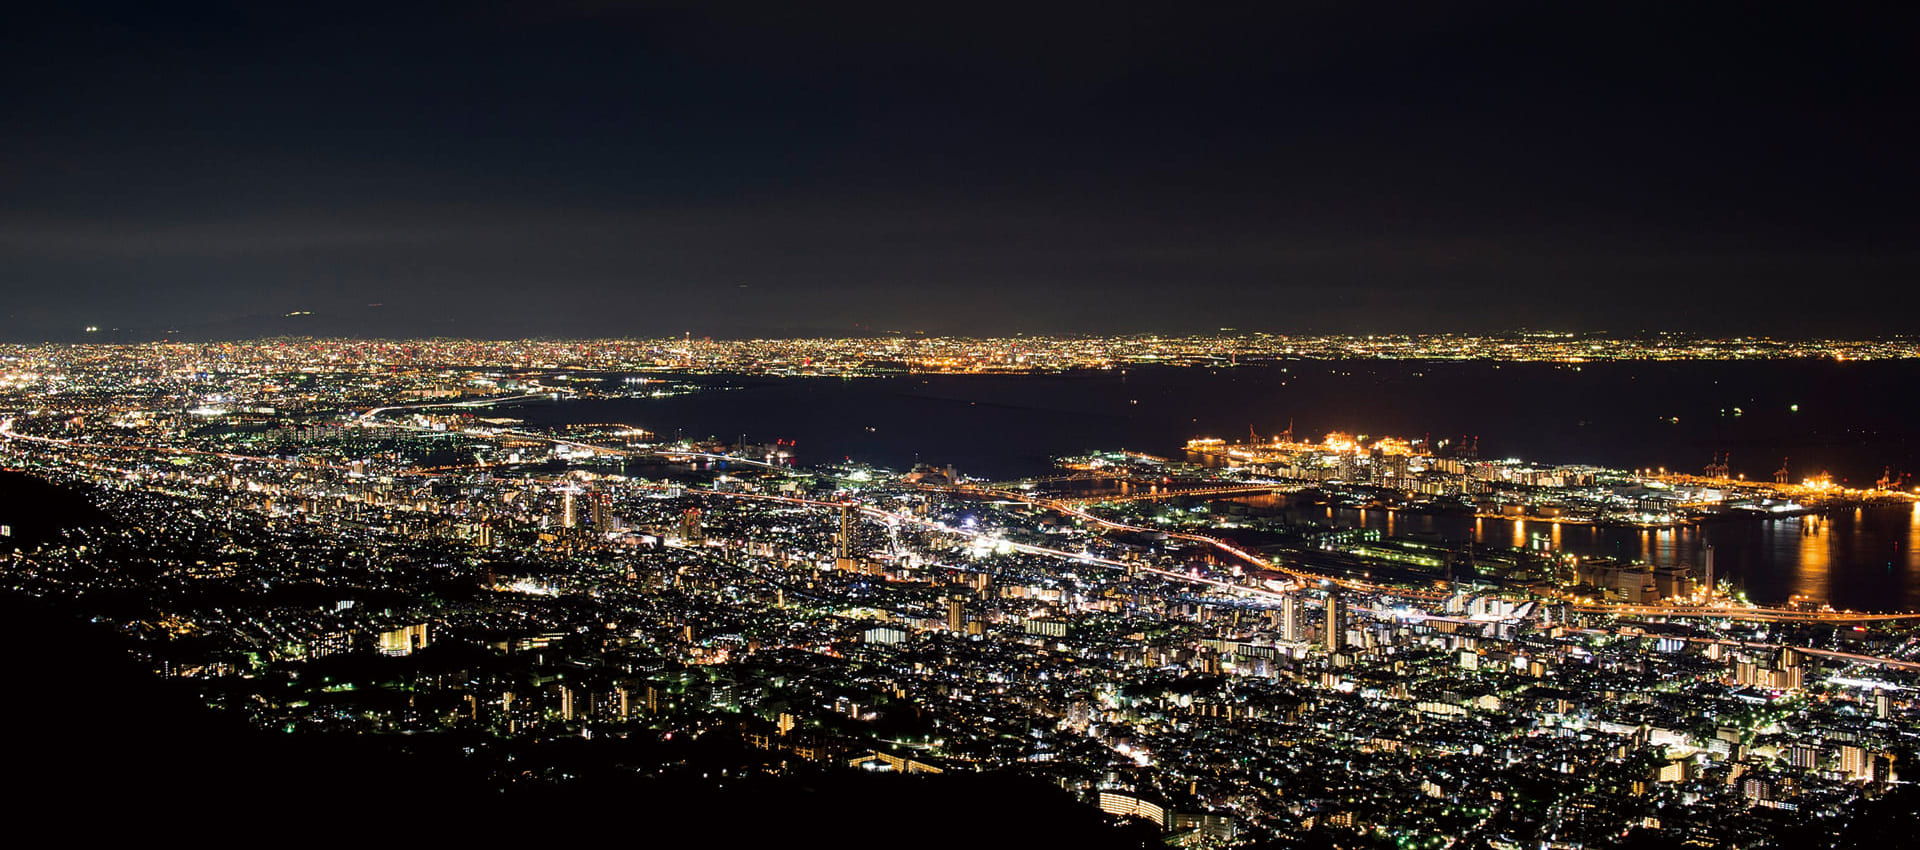 摩耶山掬星台上看到的炫耀的神户夜景,在眼前展现出来。